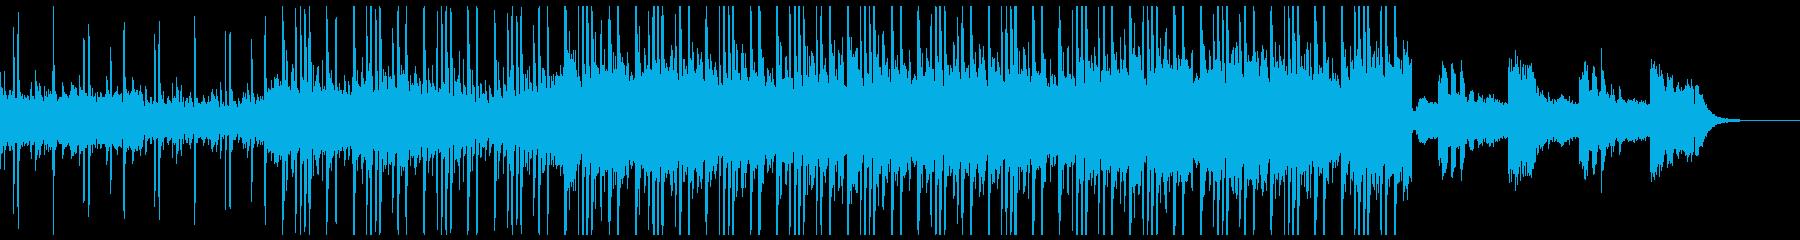 ダークの中に、少しポップな雰囲気のビートの再生済みの波形